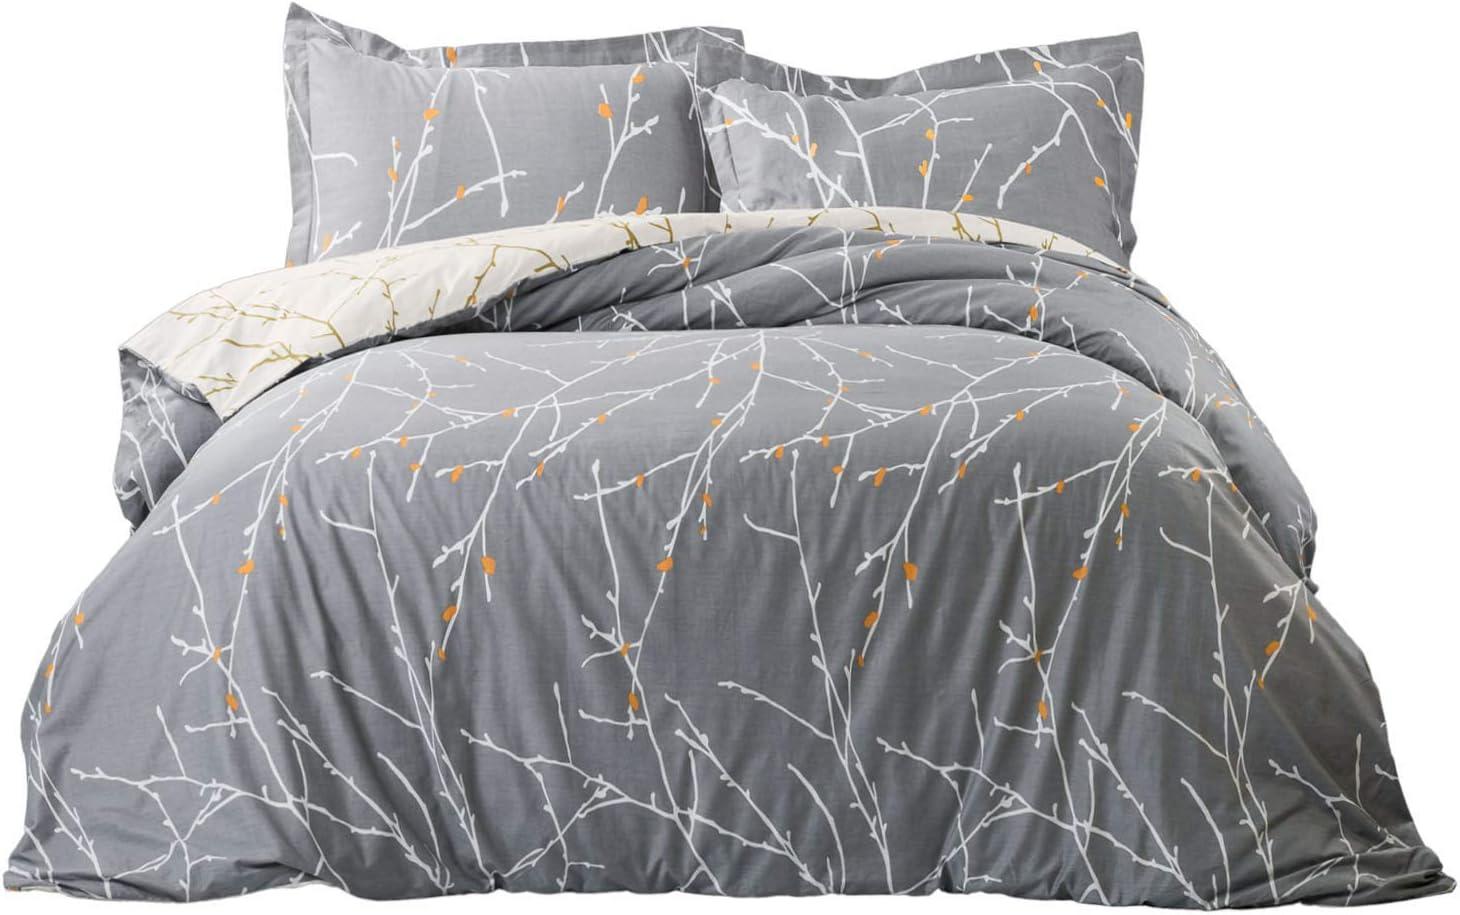 Amazon Com Bedsure 100 Cotton Duvet Cover Set Full Queen Size